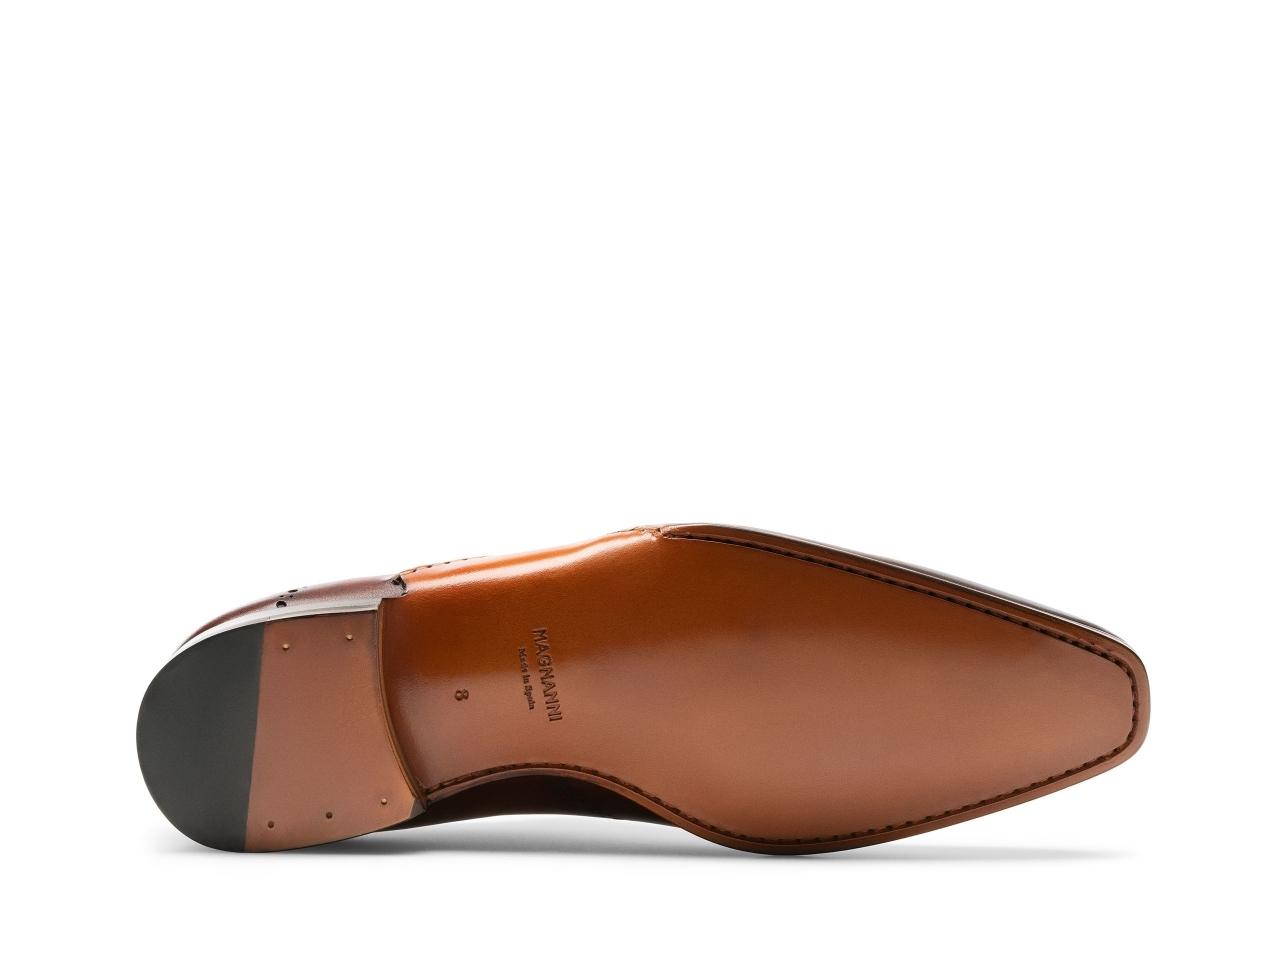 Sole of the Arzua Cognac